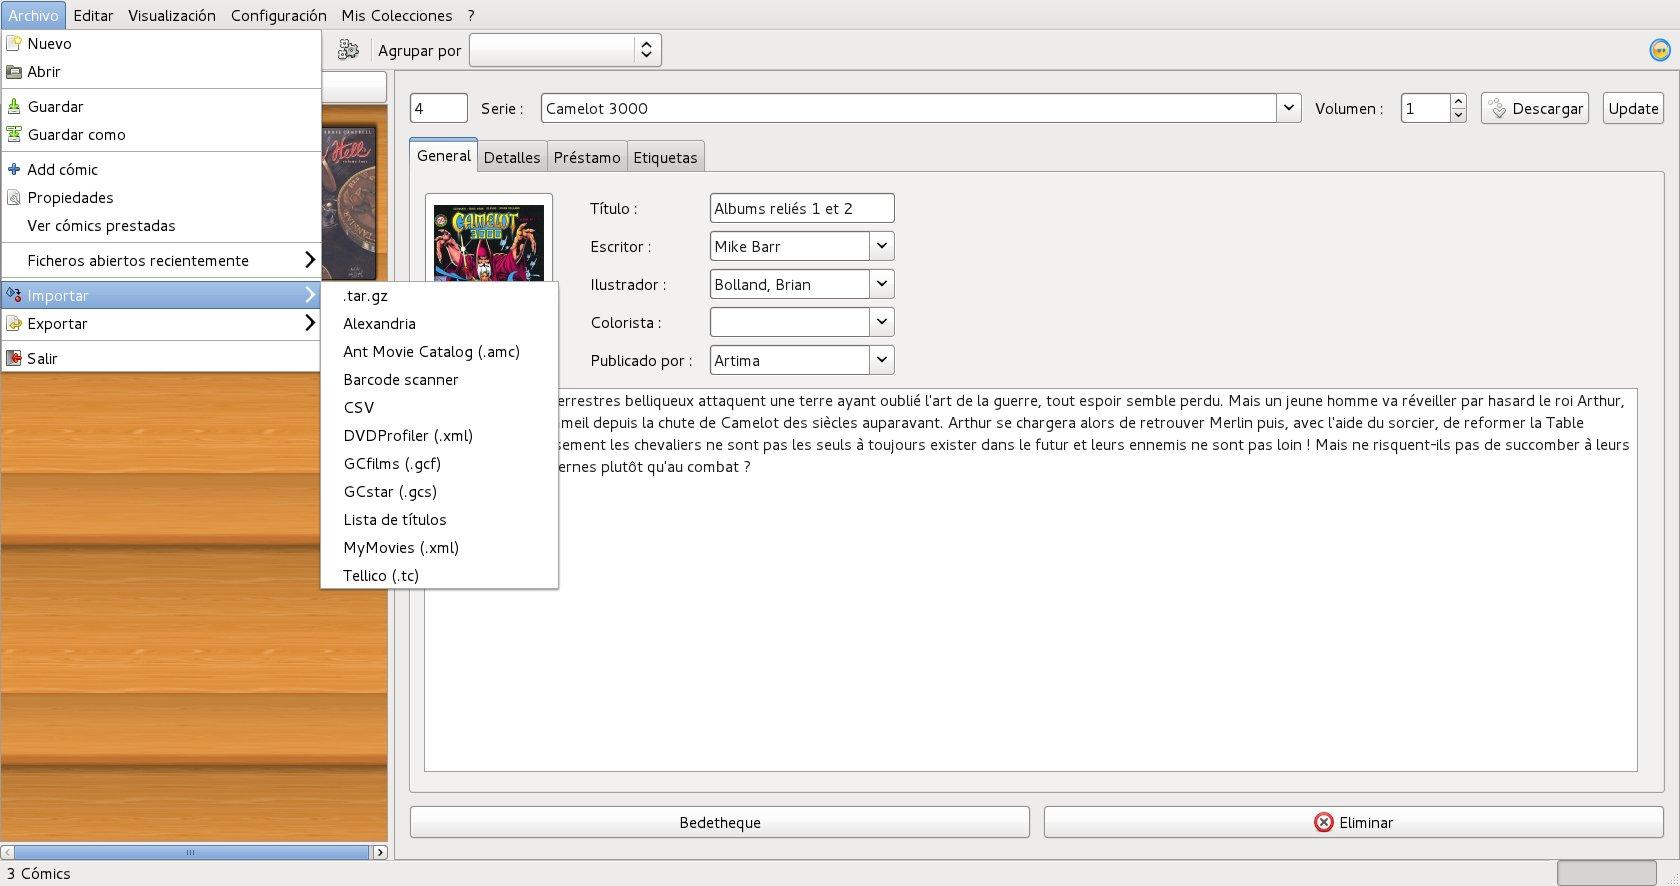 administra tus colecciones multimedia con gcstar � la